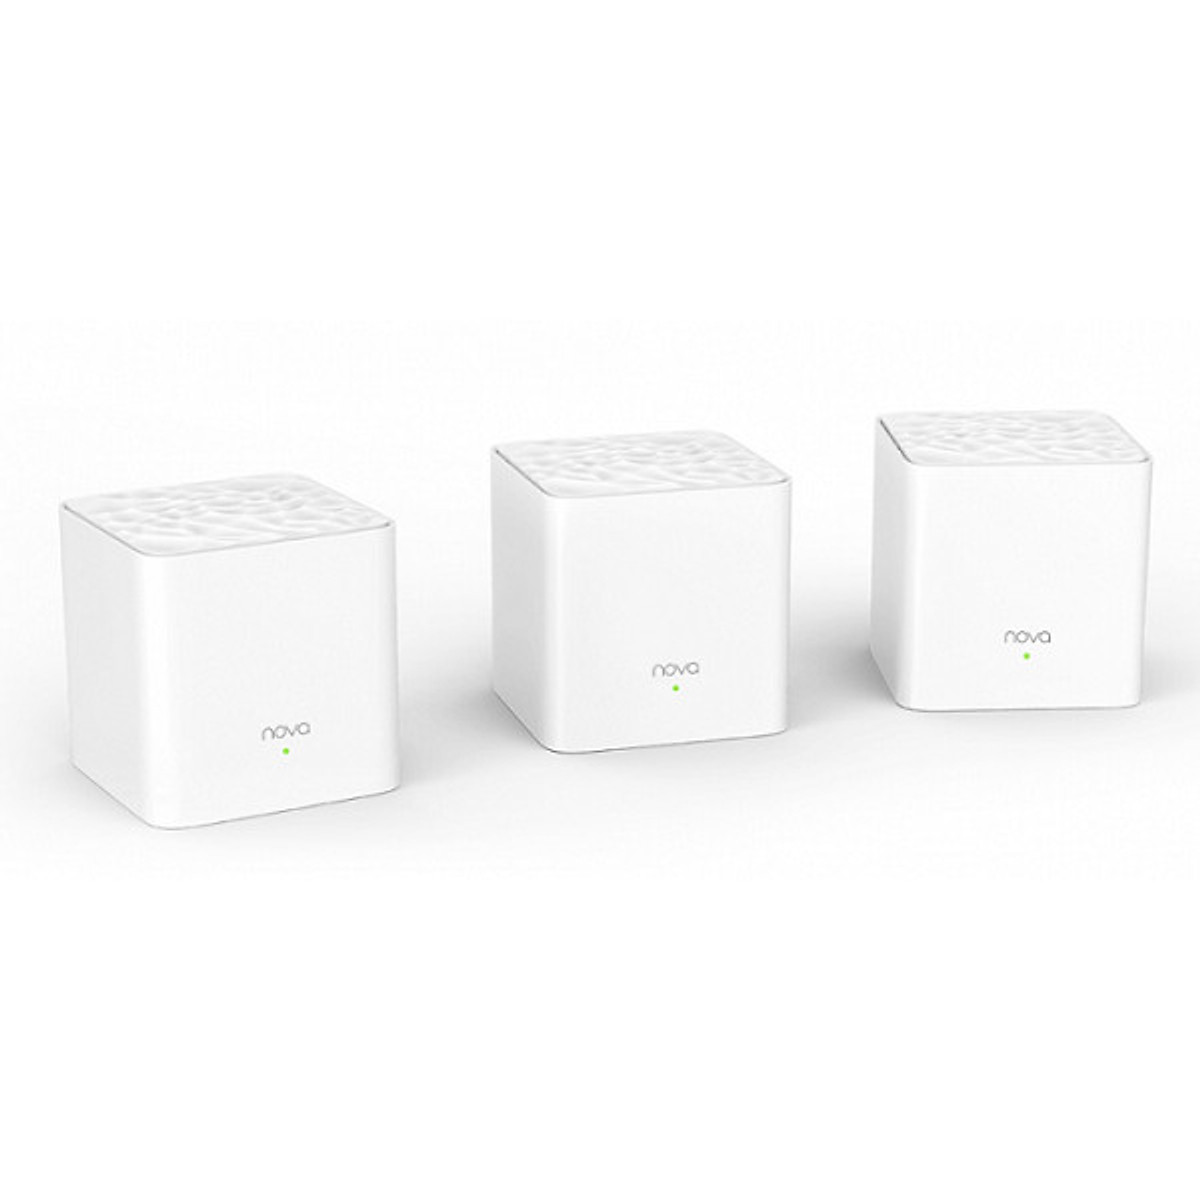 Bộ 3 Cái Phát Wifi Dạng Lưới Mesh Tenda Nova MW3 AC1200 – Hàng Chính Hãng